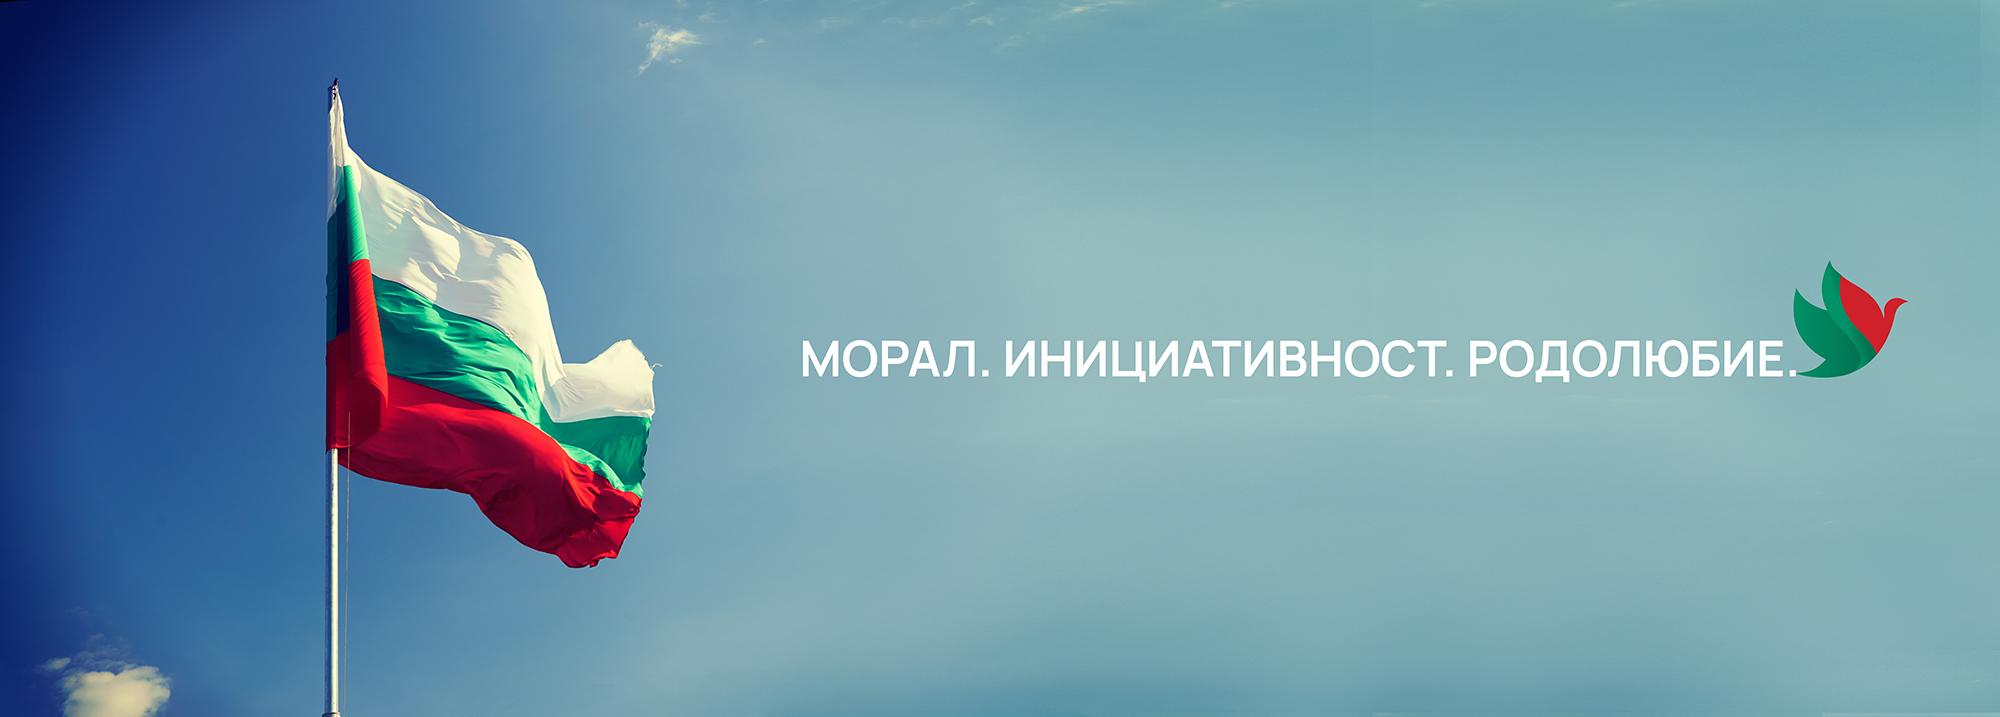 Политическа партия МИР